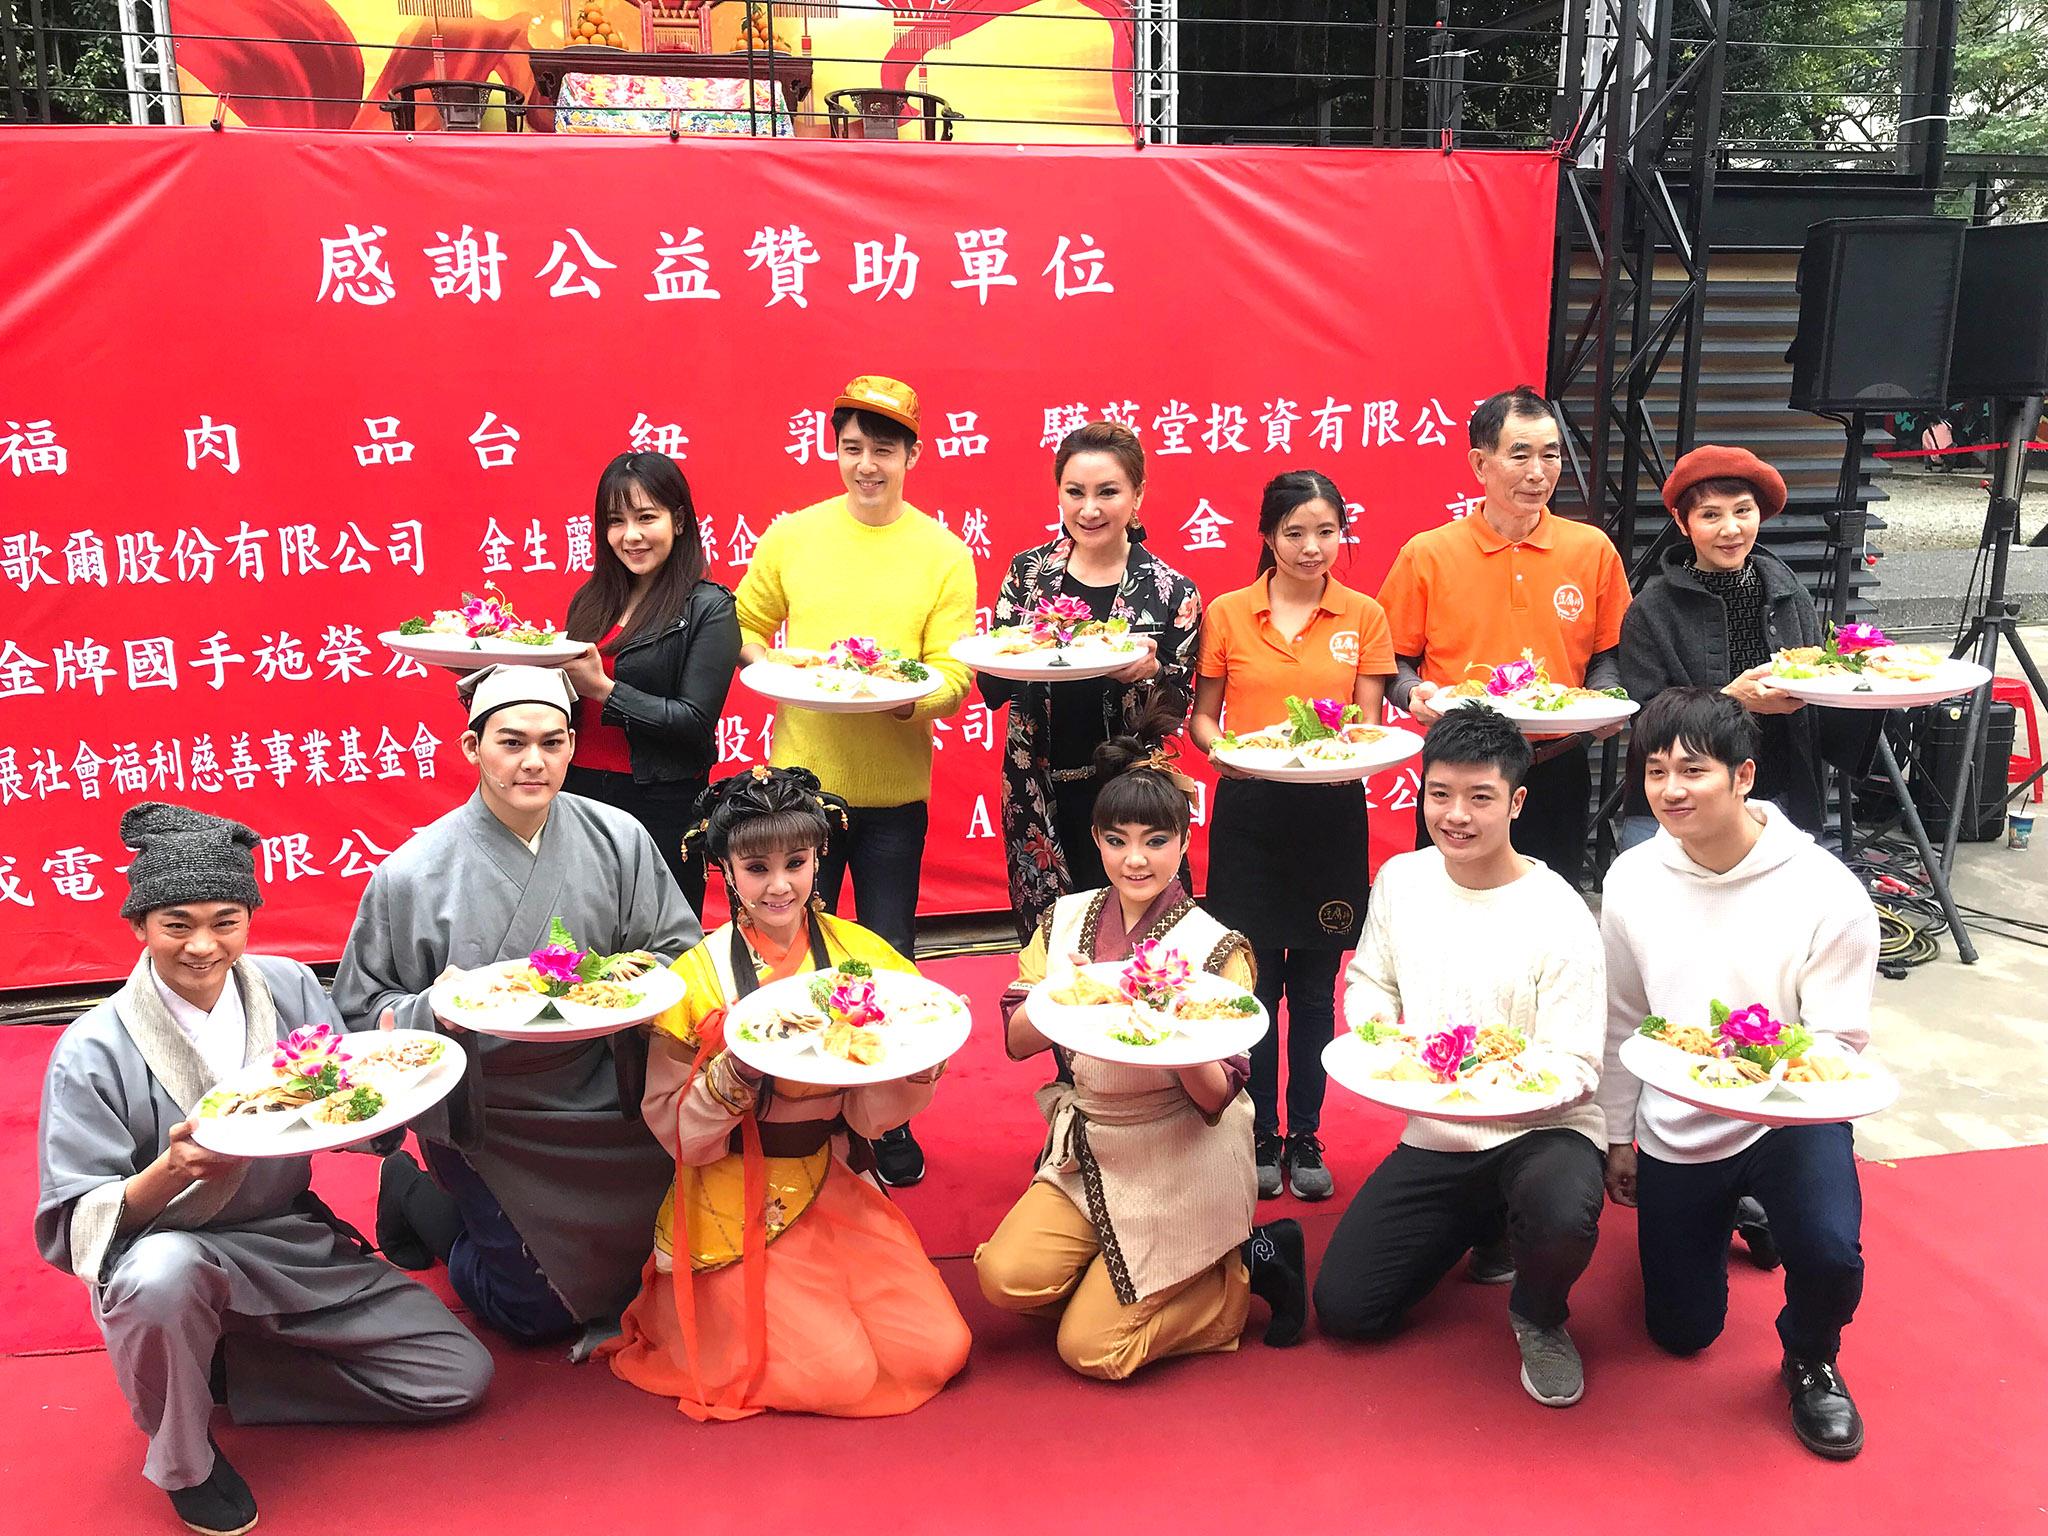 陳亞蘭(立者左三)、胡宇威(立者左二)、豆腐師(立者右二)上菜秀。